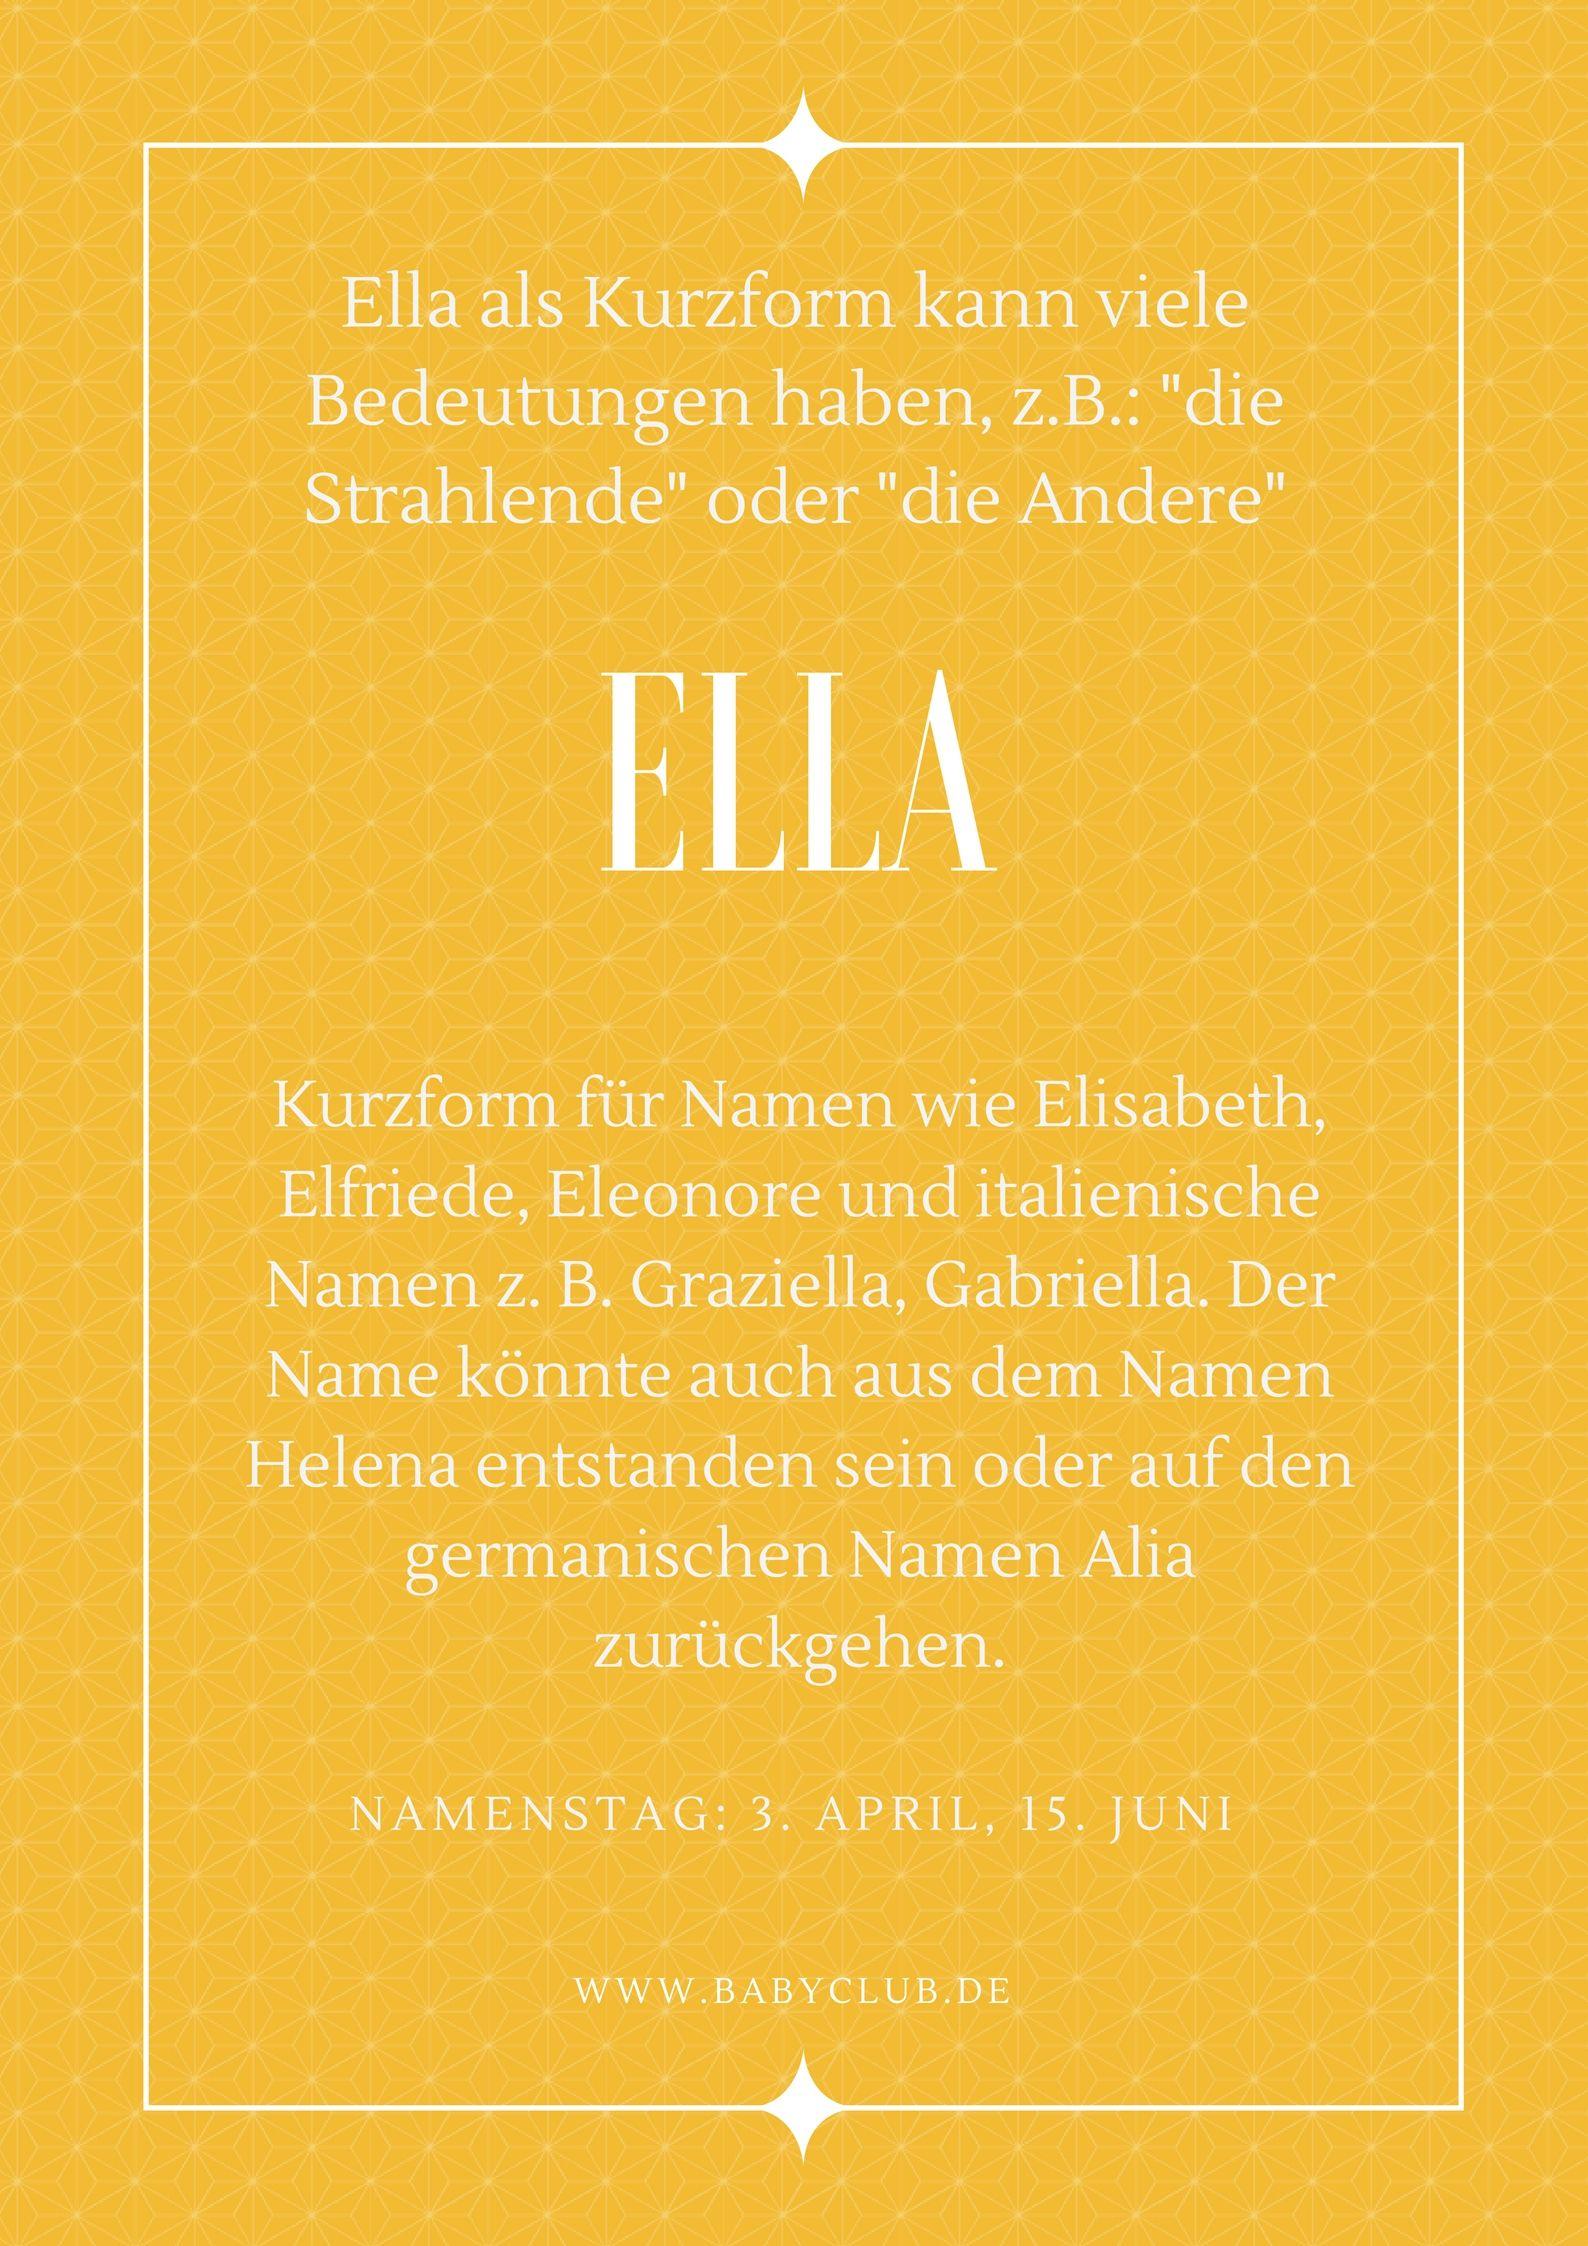 Vornamen Das Bedeutet Der Name Ella Www Babyclub De Vornamen Finden Vornamen Namenstag